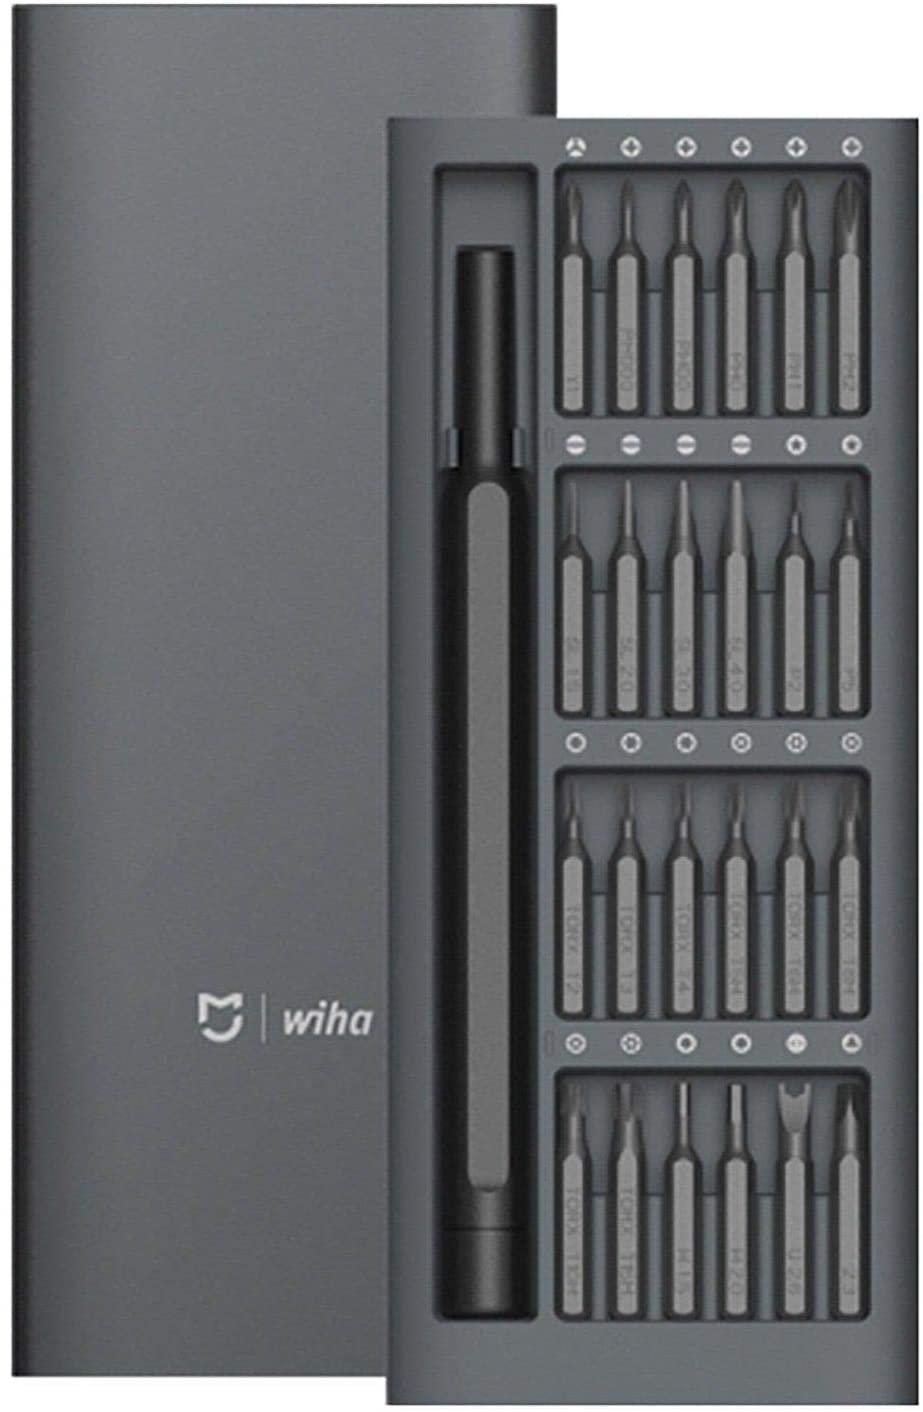 Xiaomi Mi x Wiha Precision Screwdriver, 24 sets